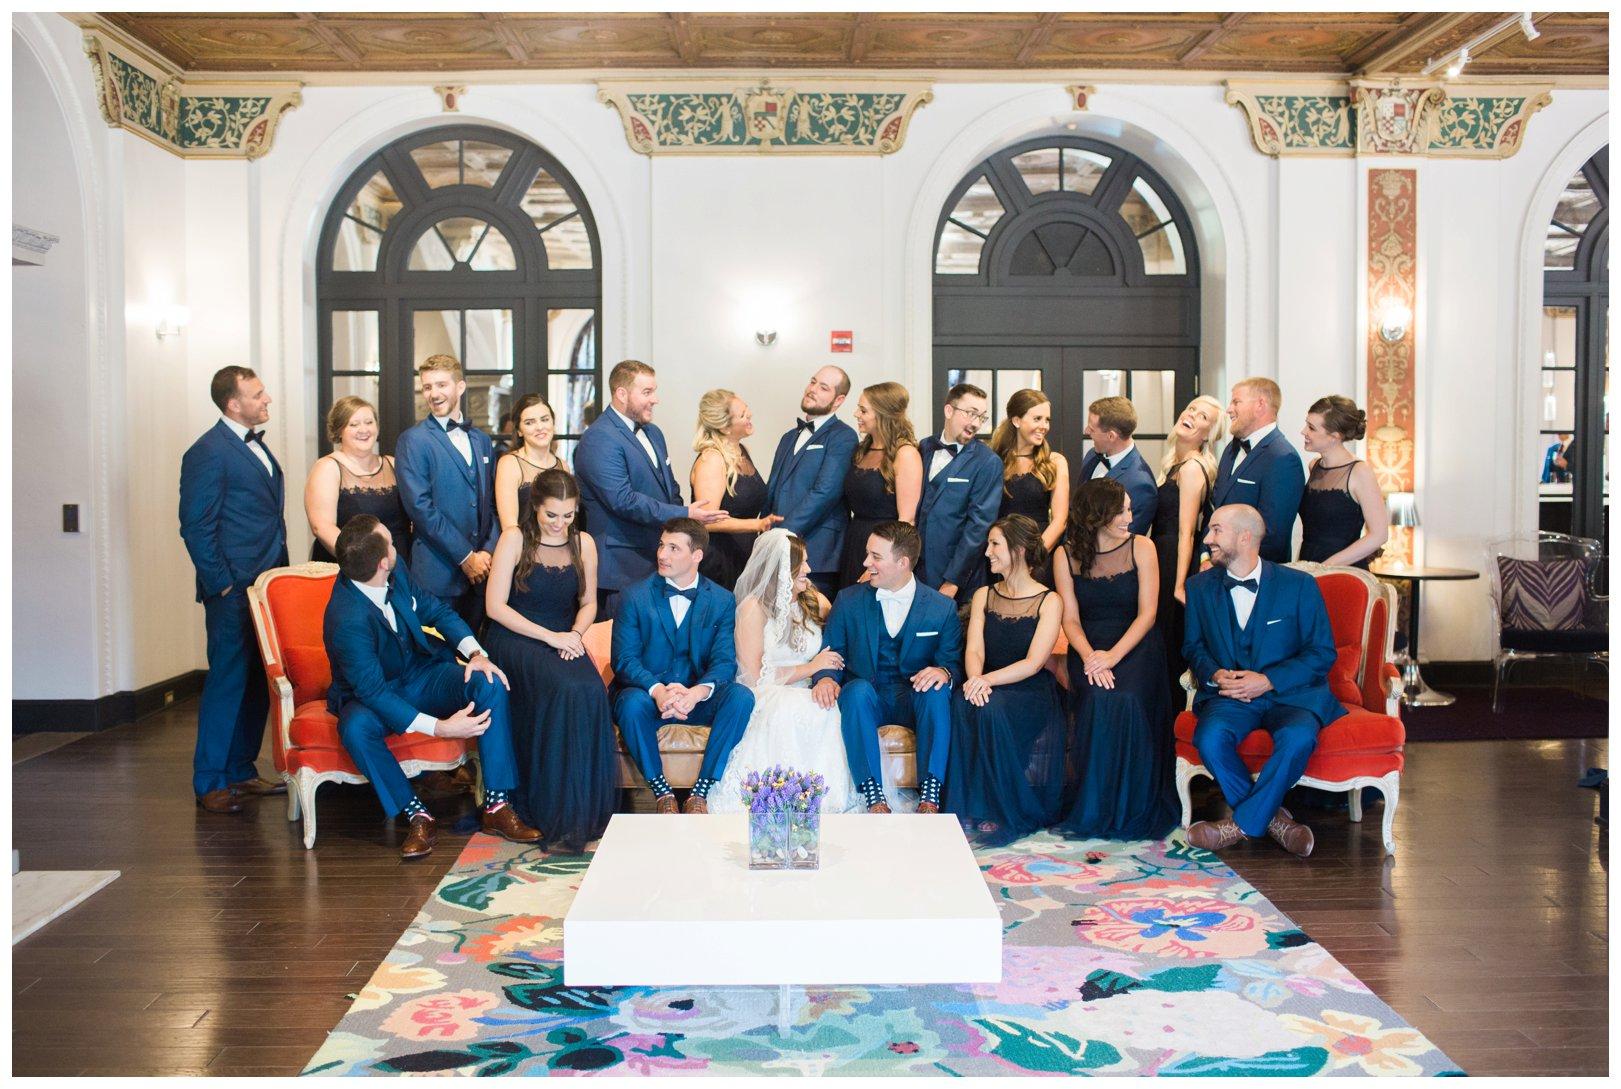 lauren muckler photography_fine art film wedding photography_st louis_photography_1196.jpg